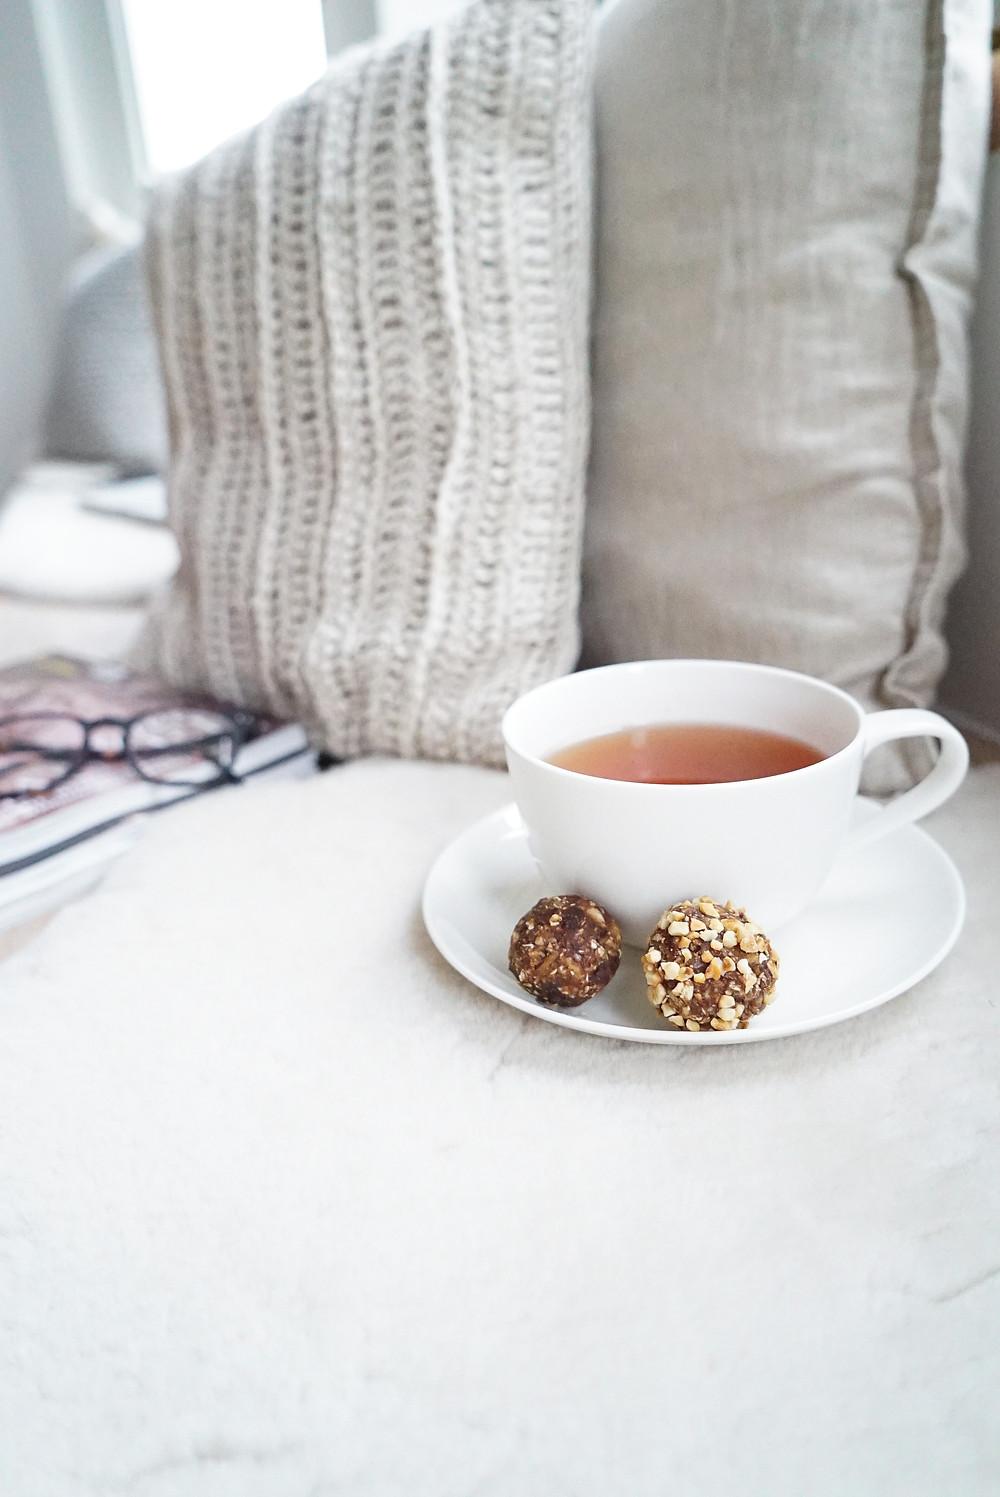 Leckere Lebkuchen Bliss Balls als gesunder, zuckerfreier, veganer und glutenfreier Snack zu Weihnachten